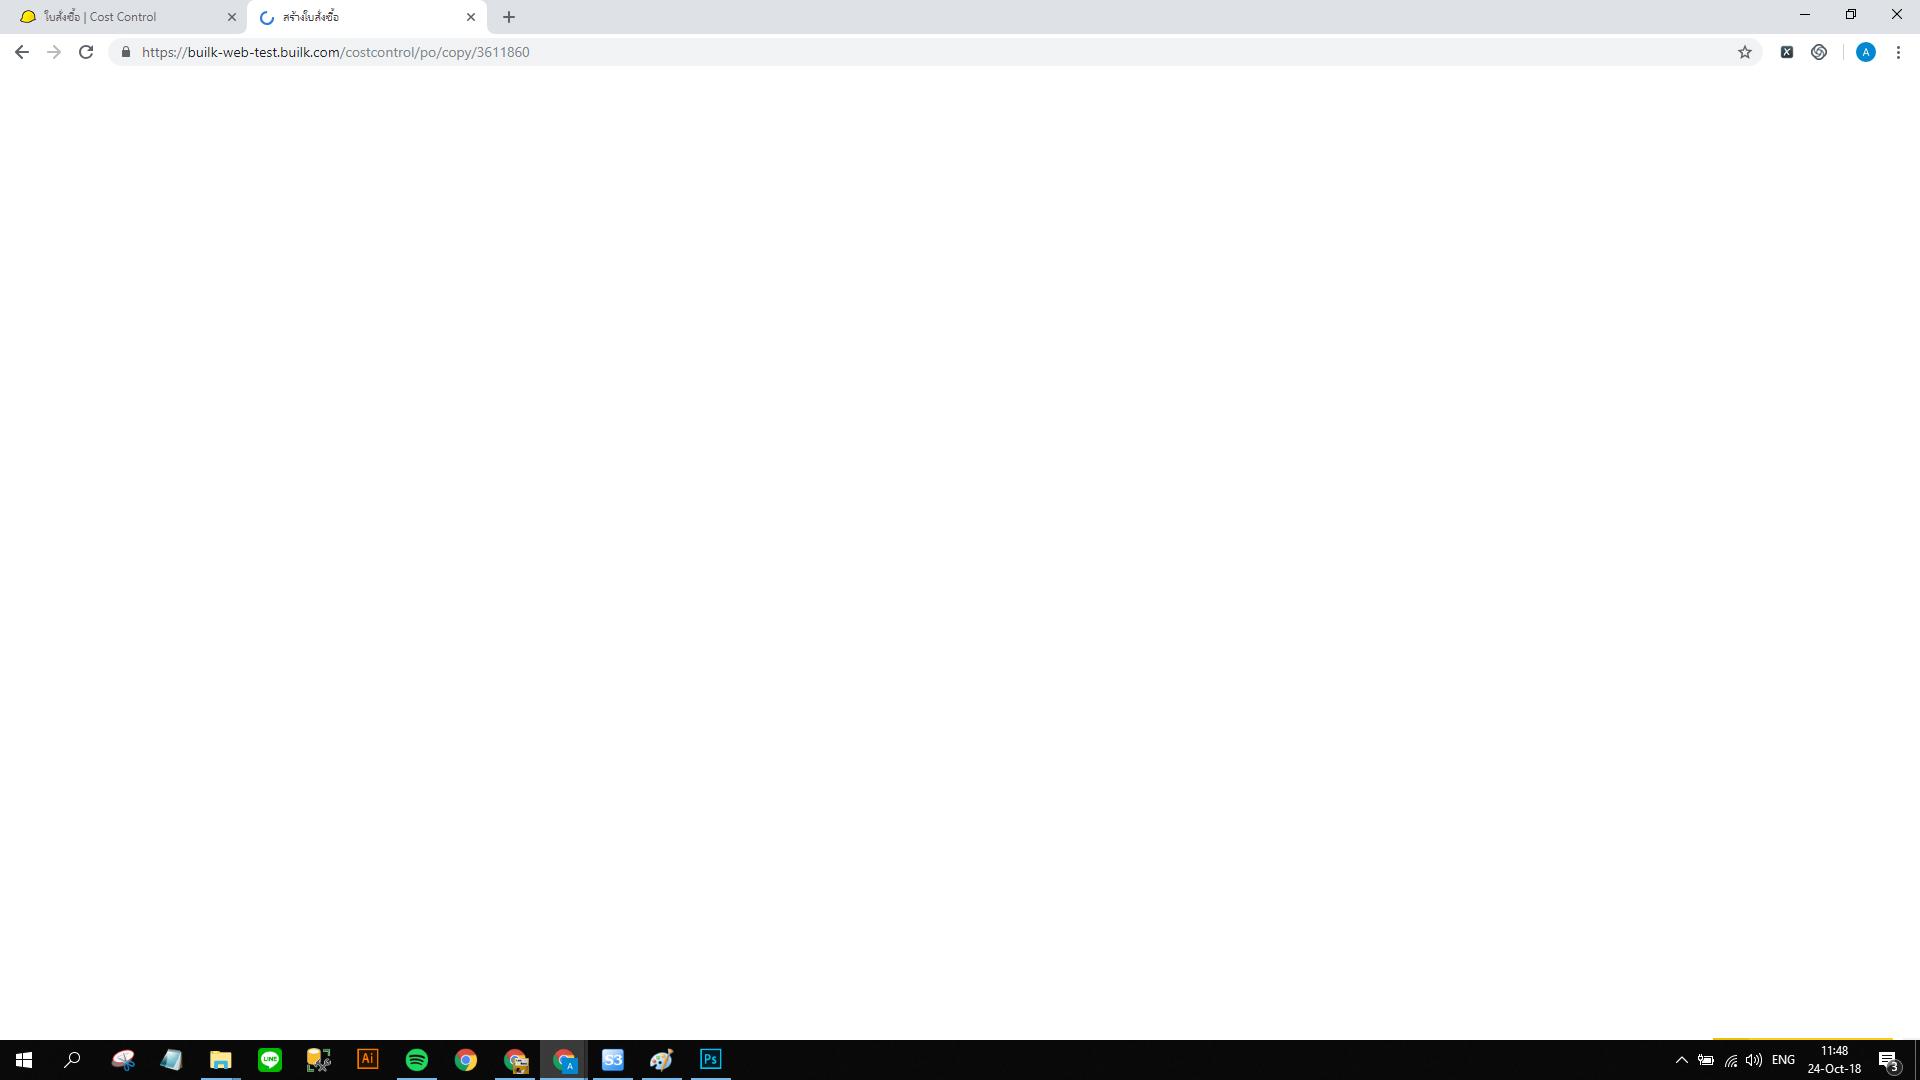 BUILK_เว็บไม่แสดงผล